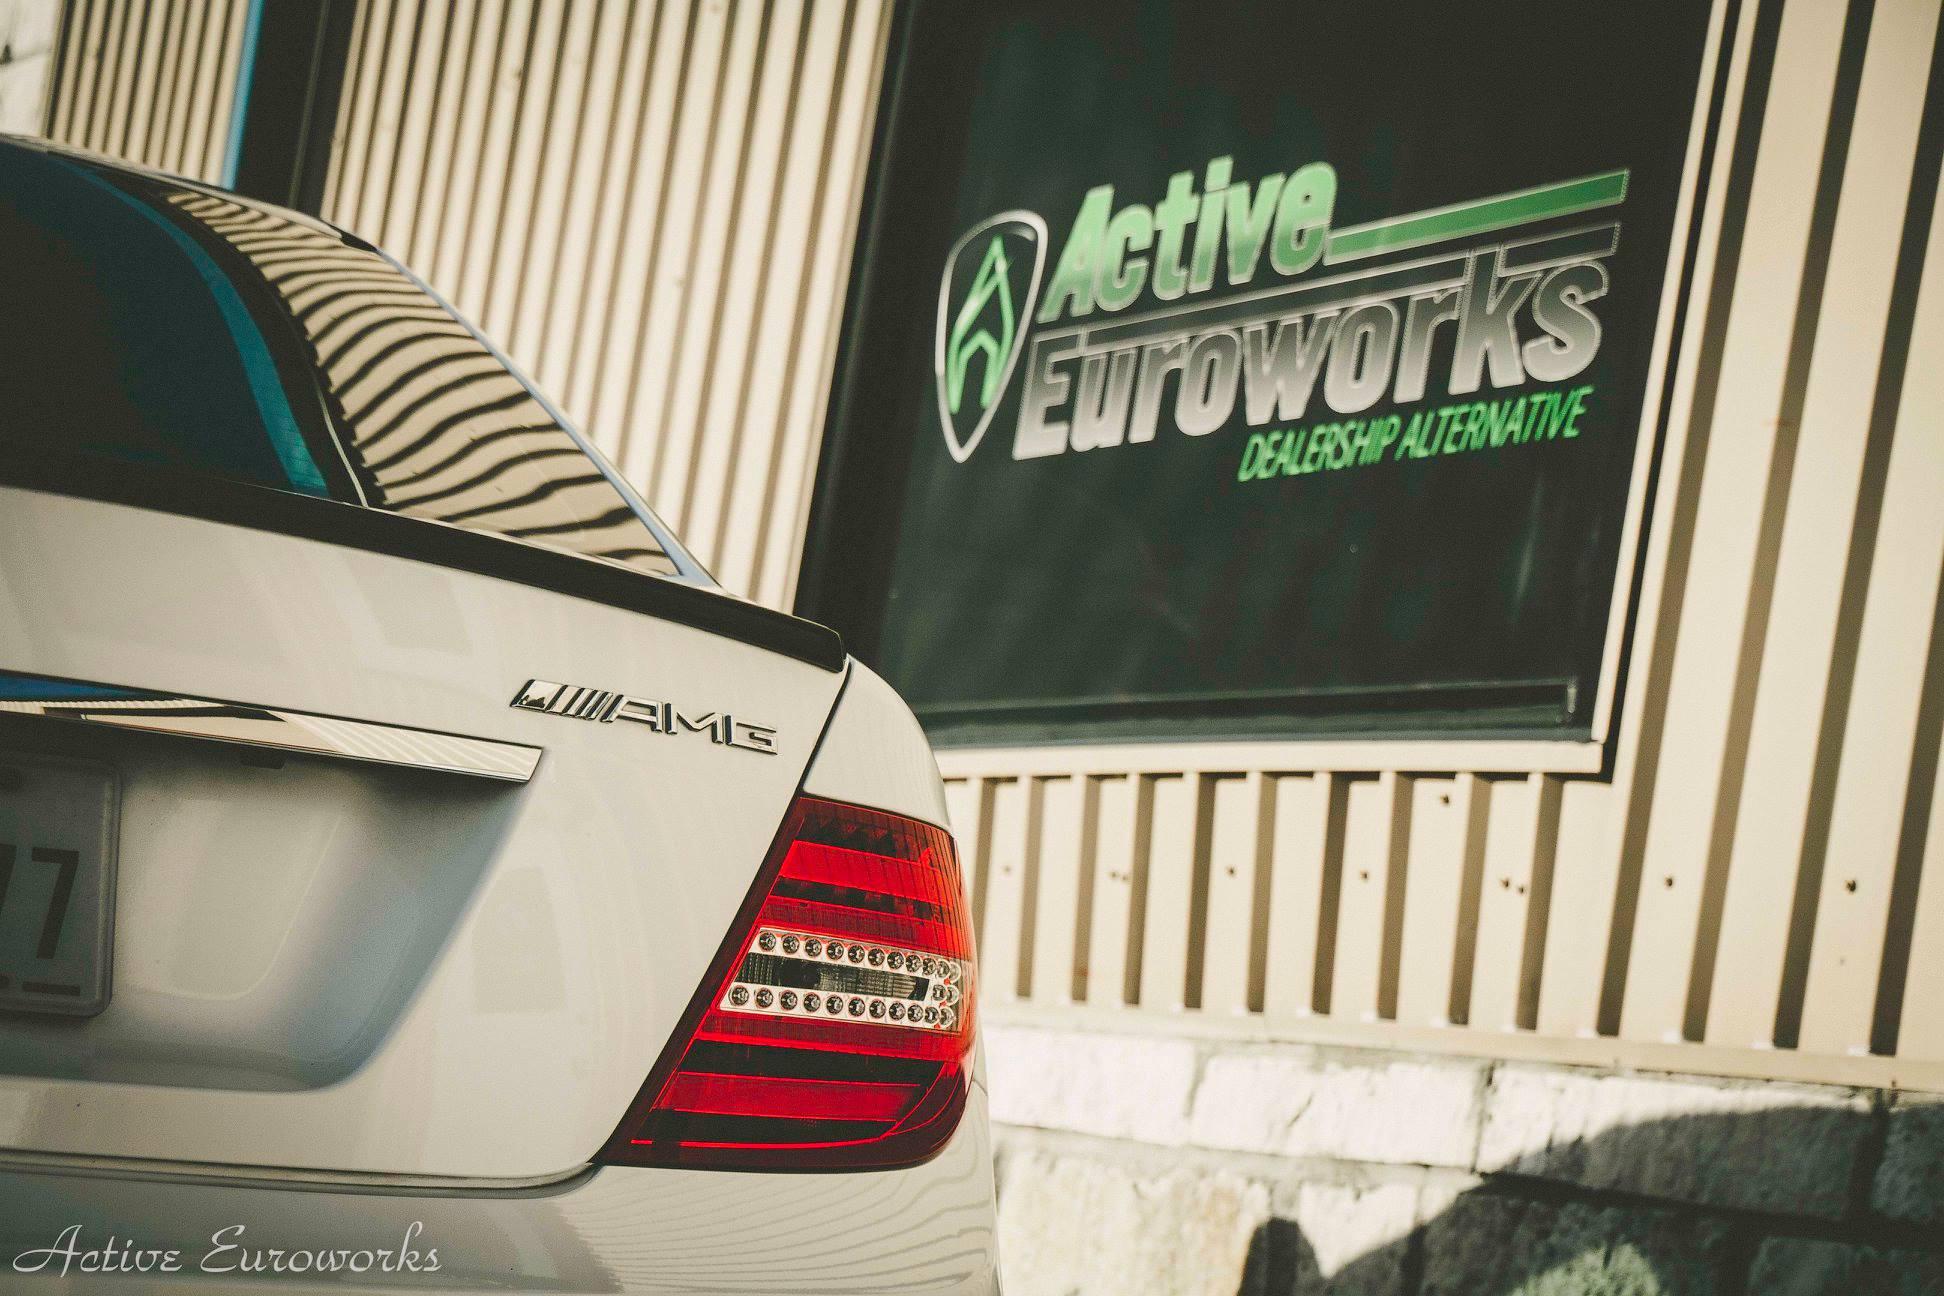 Mercedez-Benz-Infront-of-Active-Euroworks